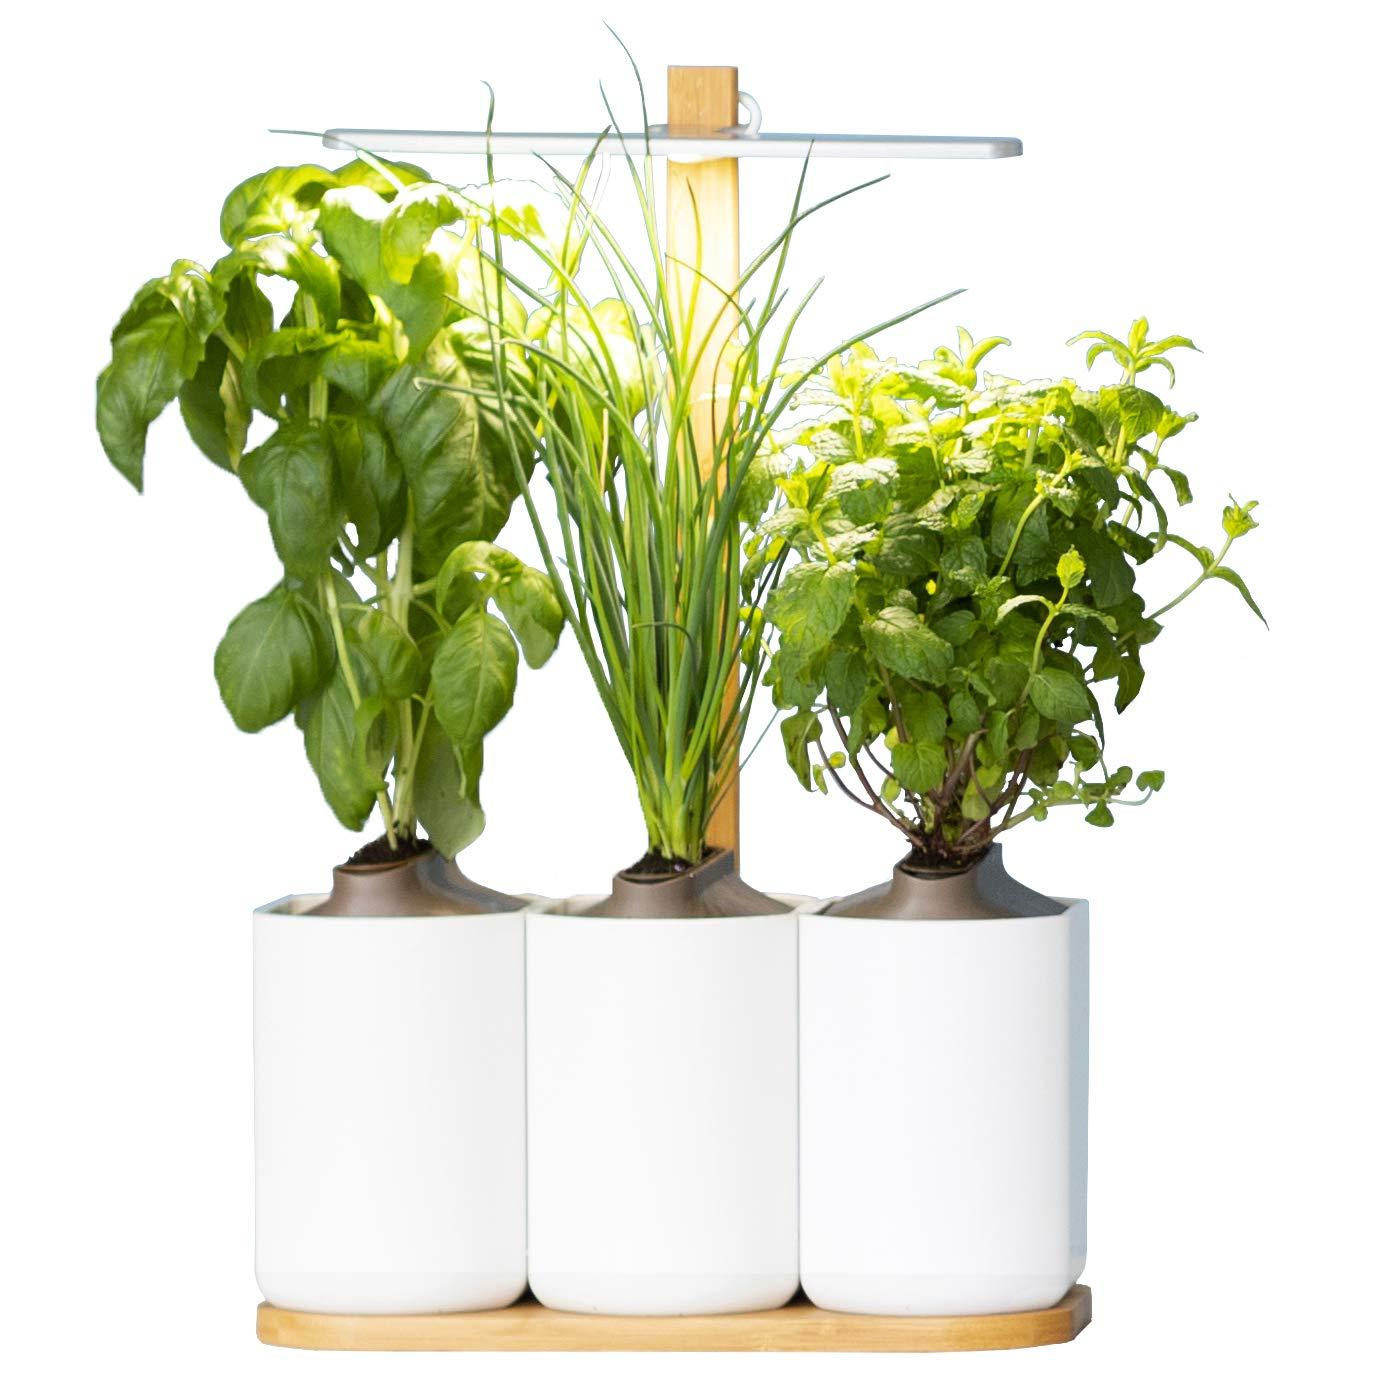 Lilo, Ihr smarter Indoor-Garten ❃ neue Version ❃ Bauen Sie ganz einfach Ihre eigenen frischen Kräuter an, das ganze Jahr über ❃ Inklusive Basilikum, Minze und Schnittlauch